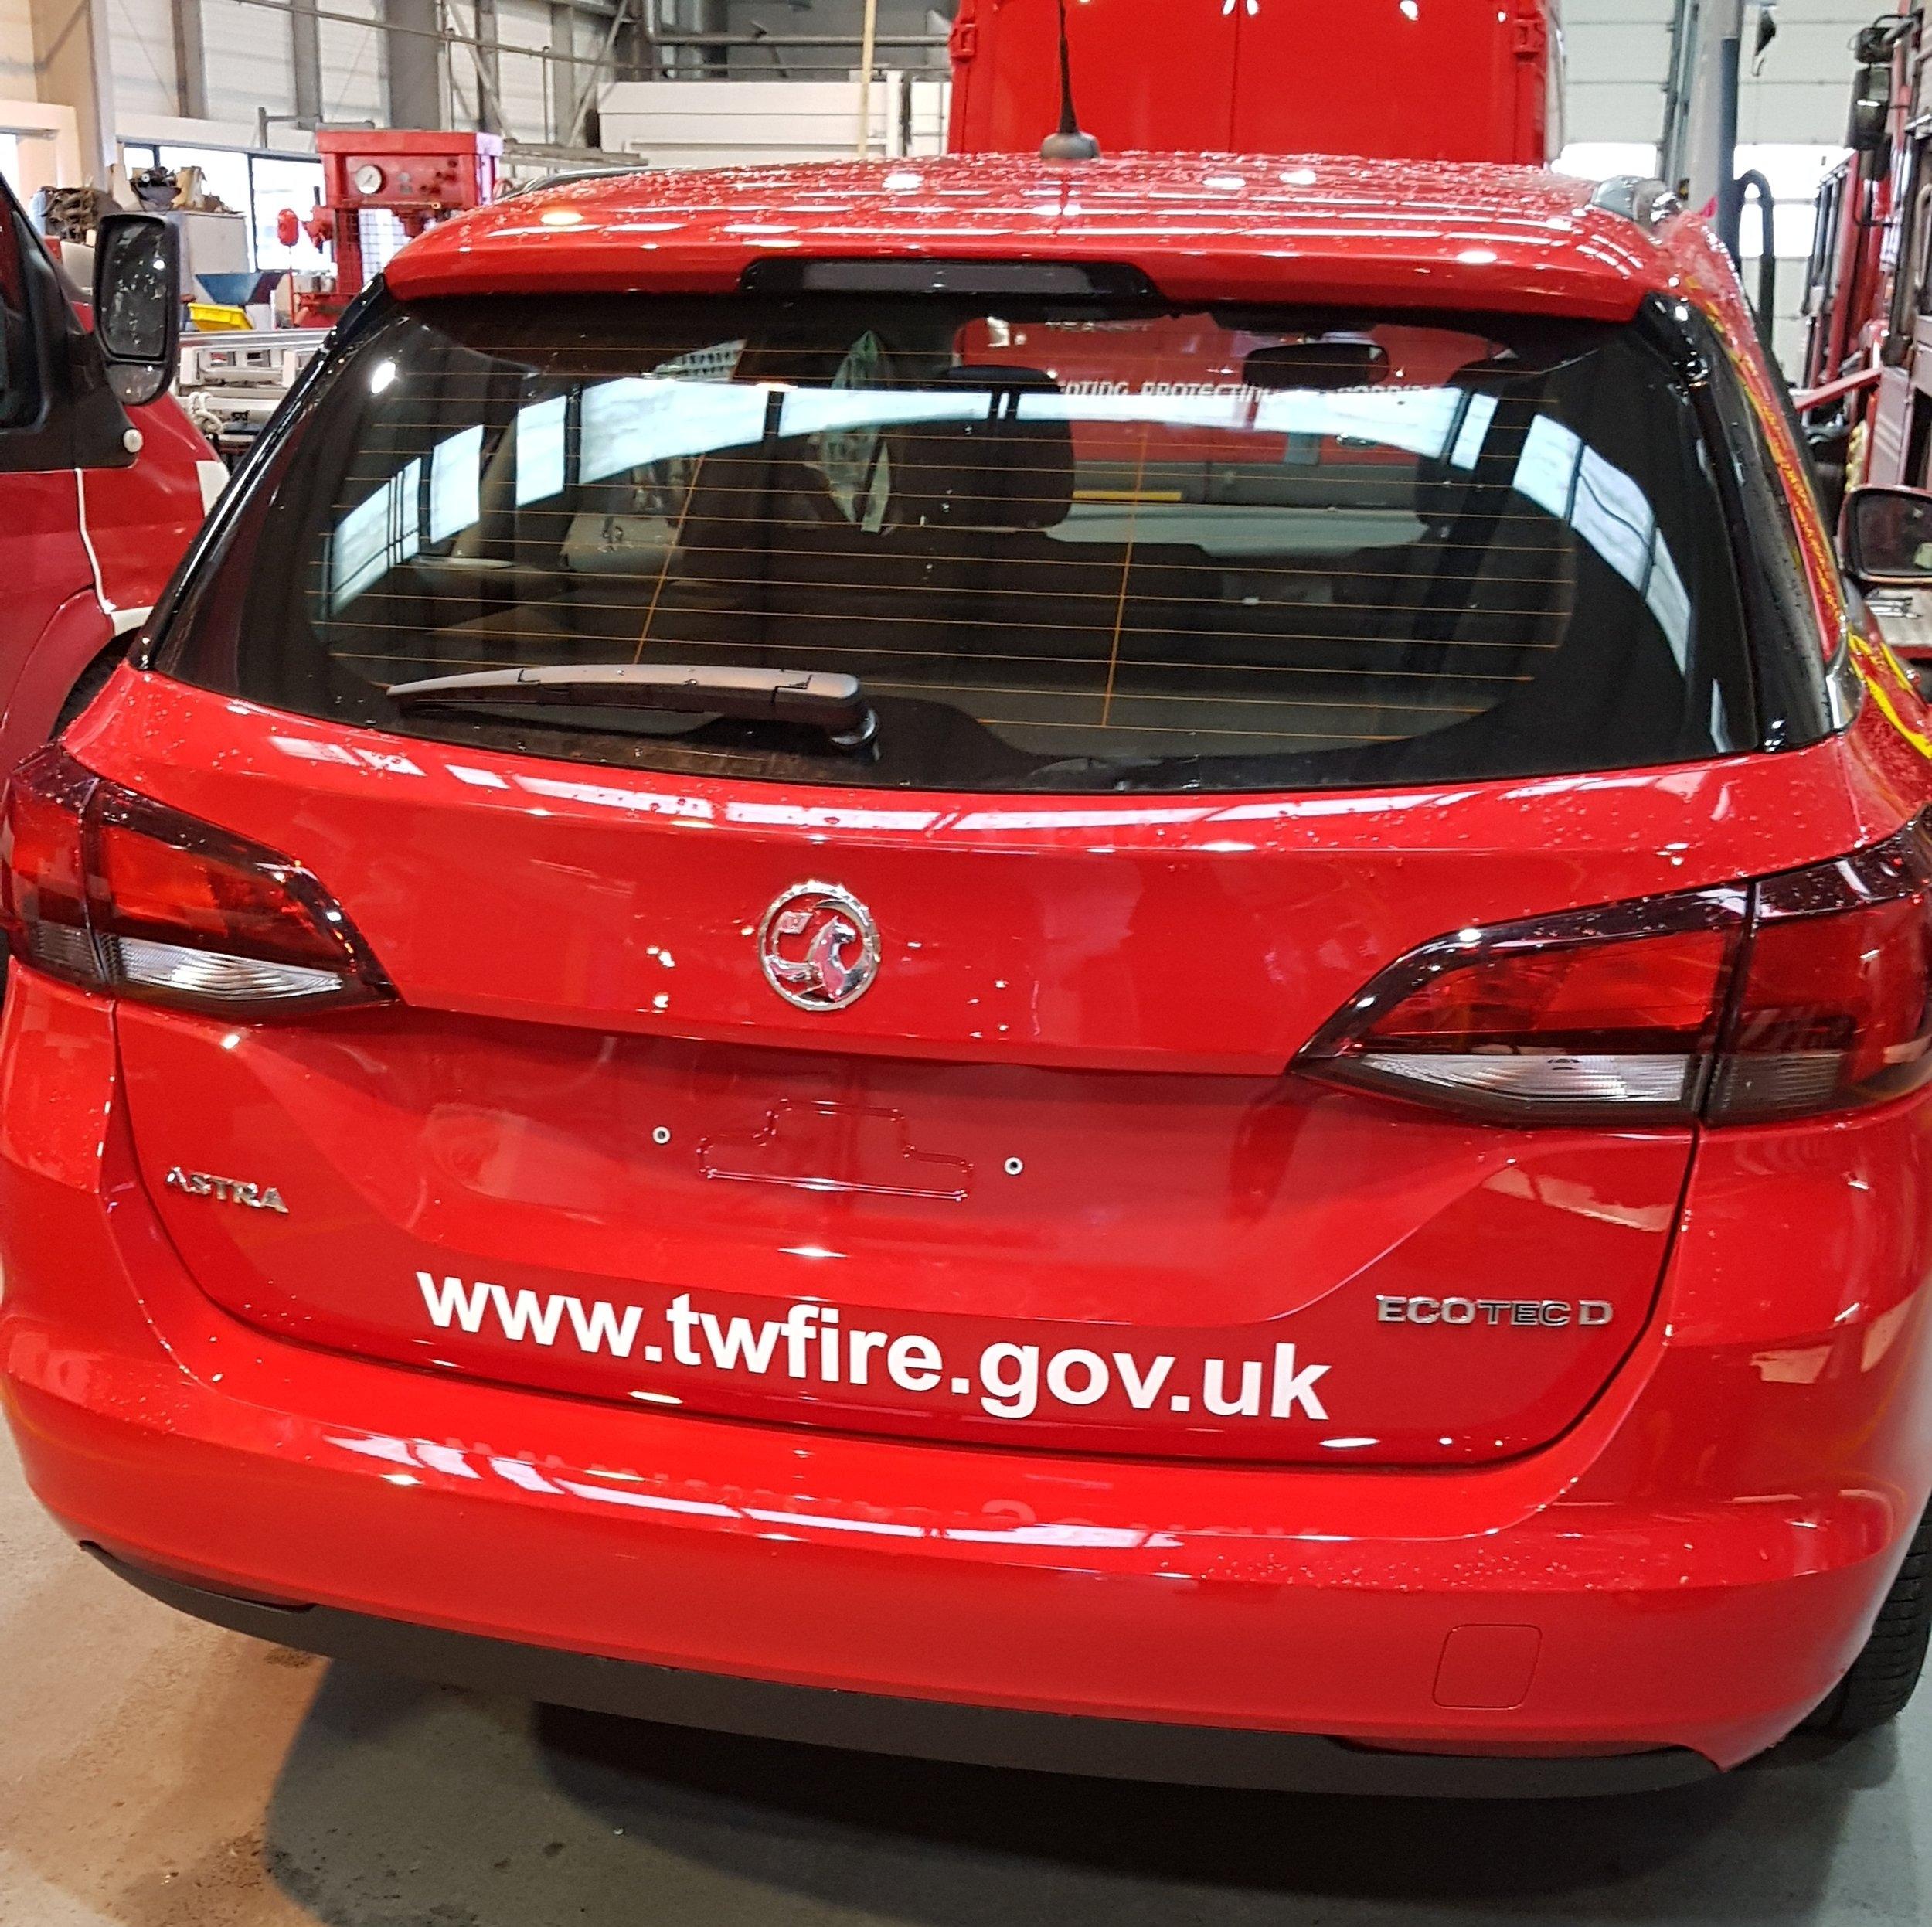 fire brigade car wrap